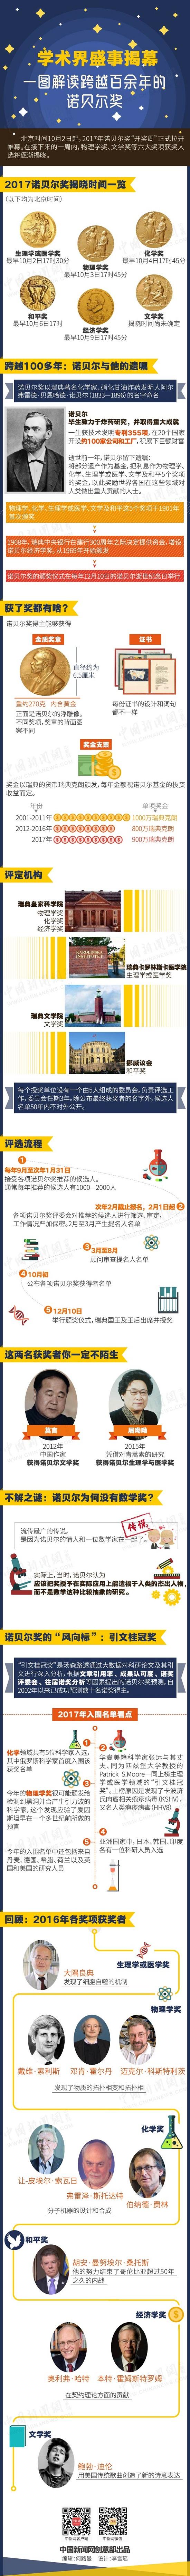 一图解读诺贝尔奖。(制图:<a target='_blank' href='http://www.chinanews.com/' >中新网</a>)